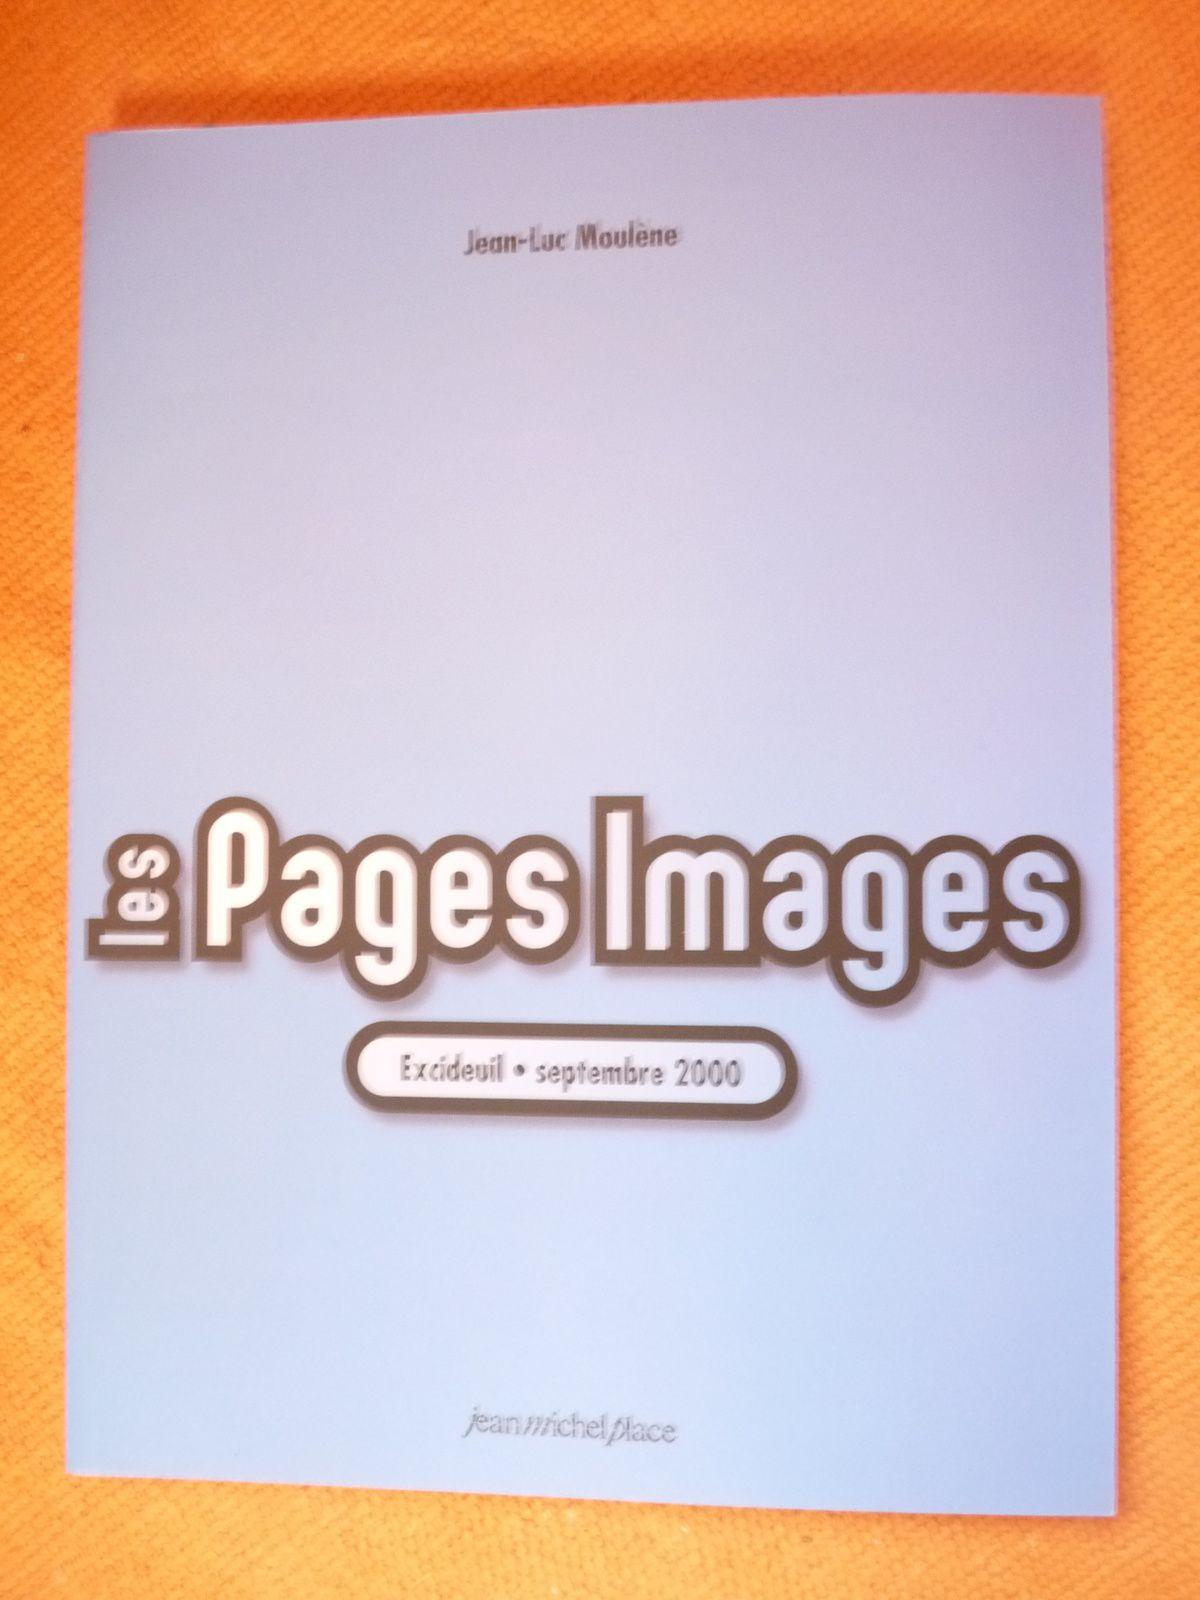 La couverture des Pages Images de Jean-Luc Moulène